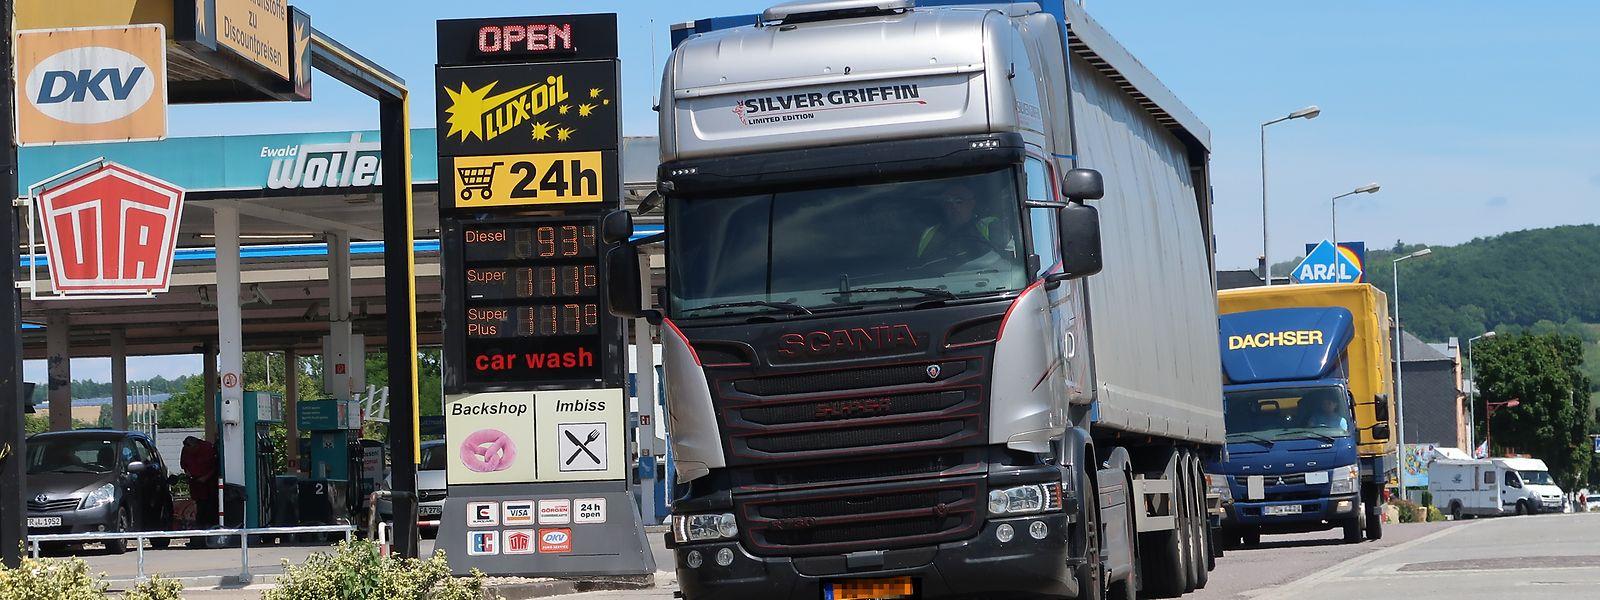 Le plein des chauffeurs routiers en transit, un enjeu économique pour le Groupement pétrolier.